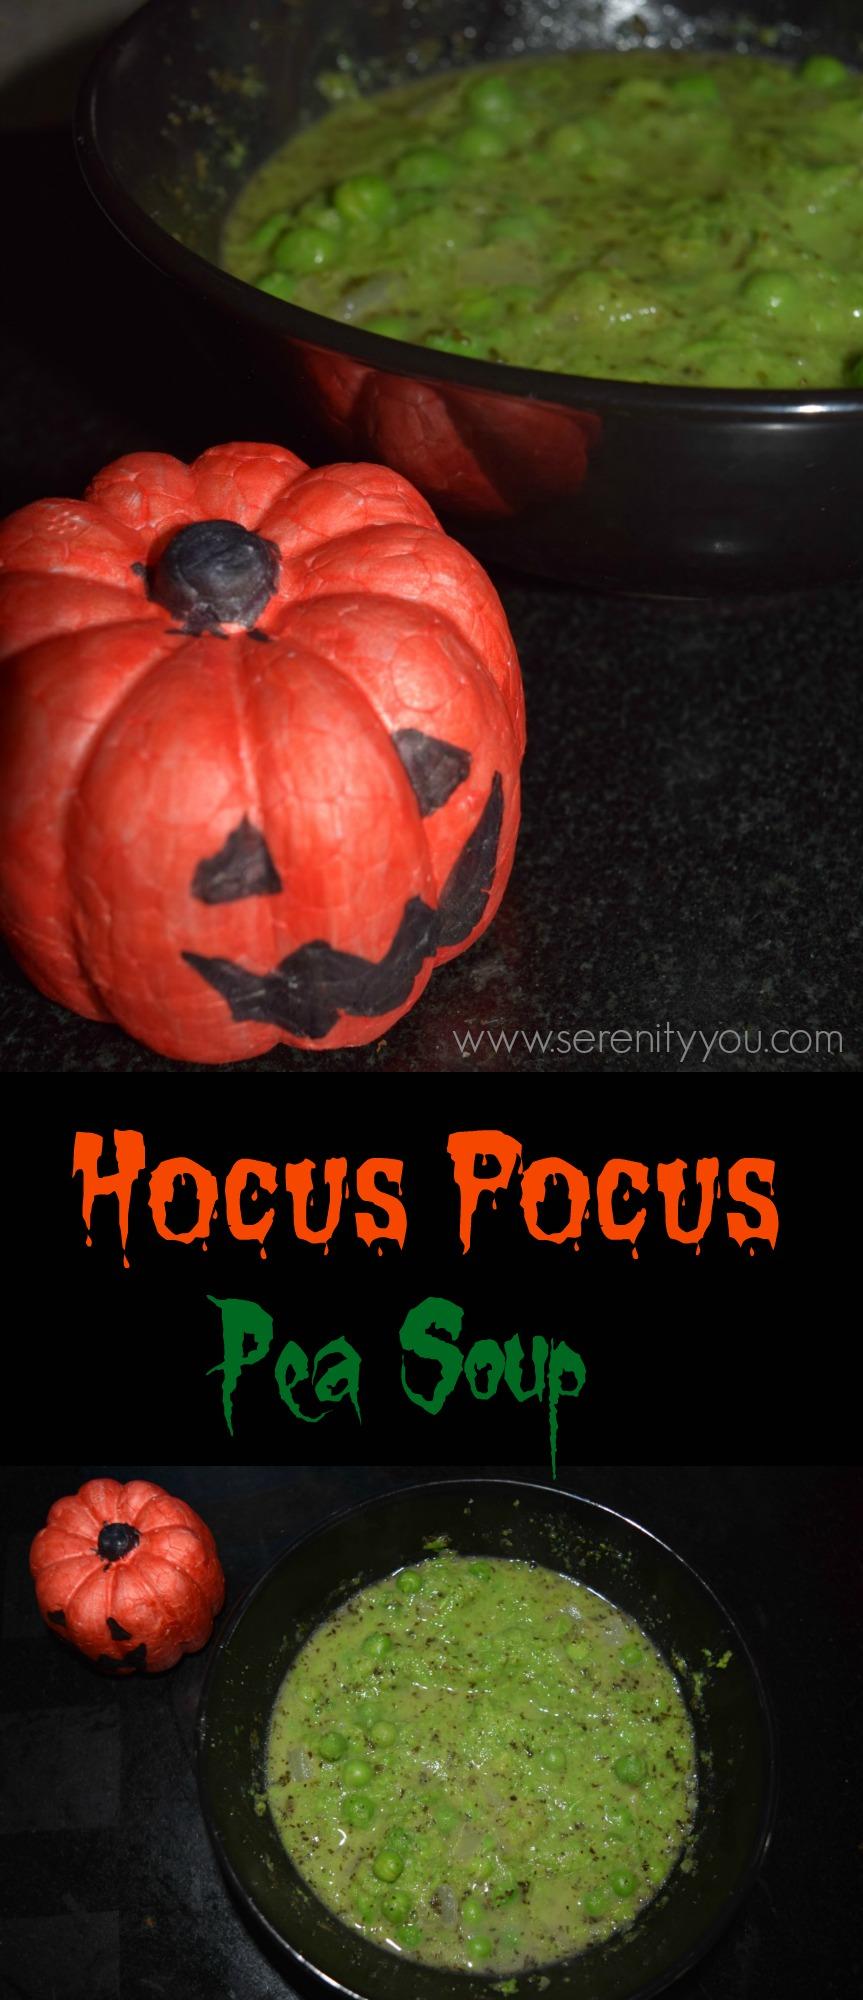 hocus-pocus-pea-soup-5